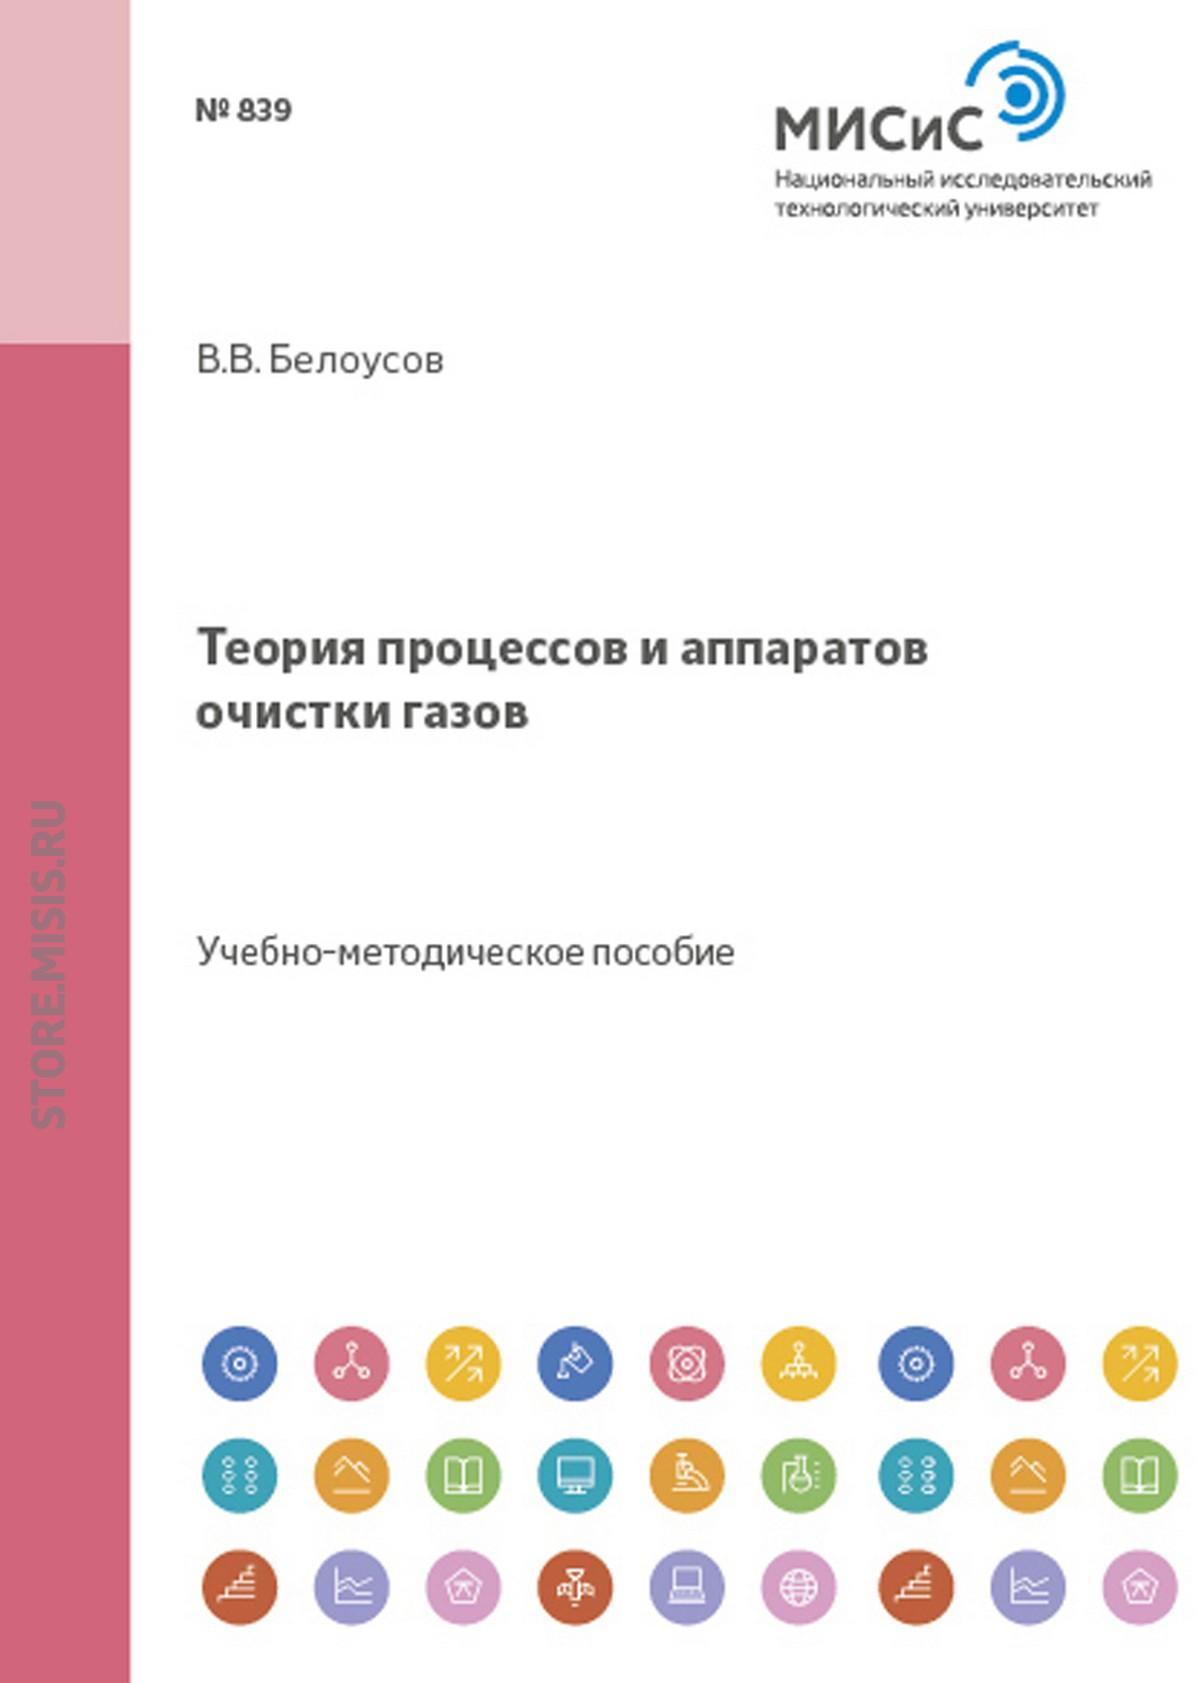 Виталий Белоусов Теория процессов и аппаратов очистки газов